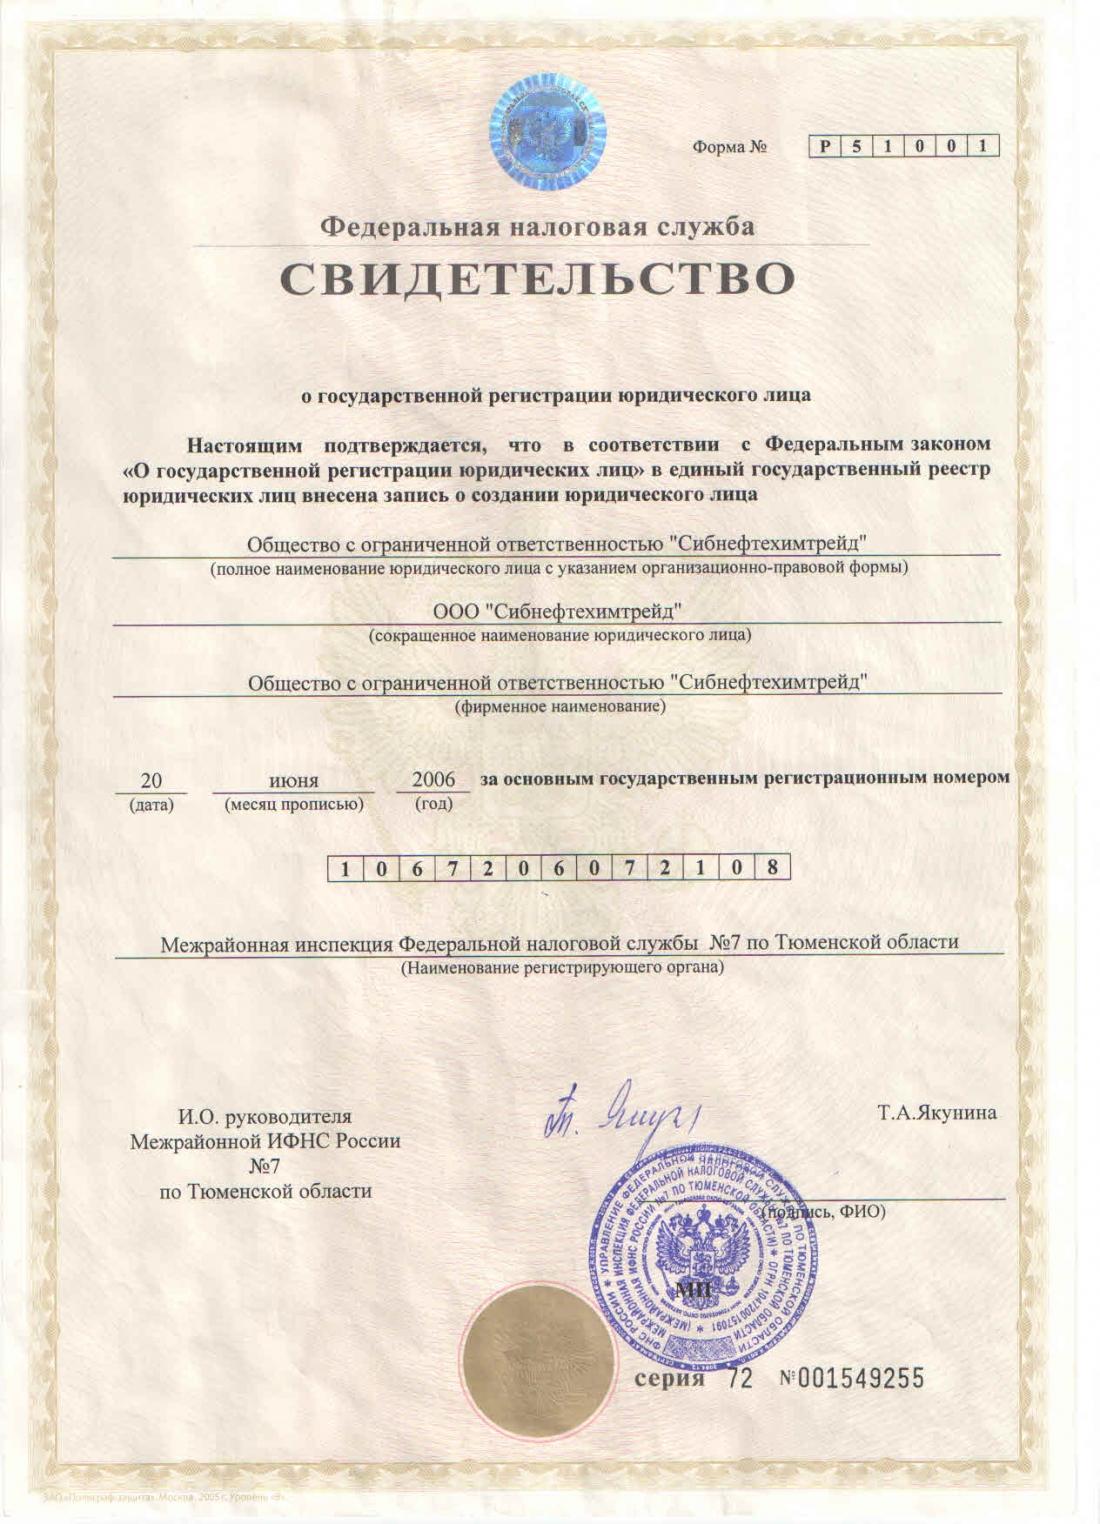 россия 24 за 02 декабря 2015г про жасо воду